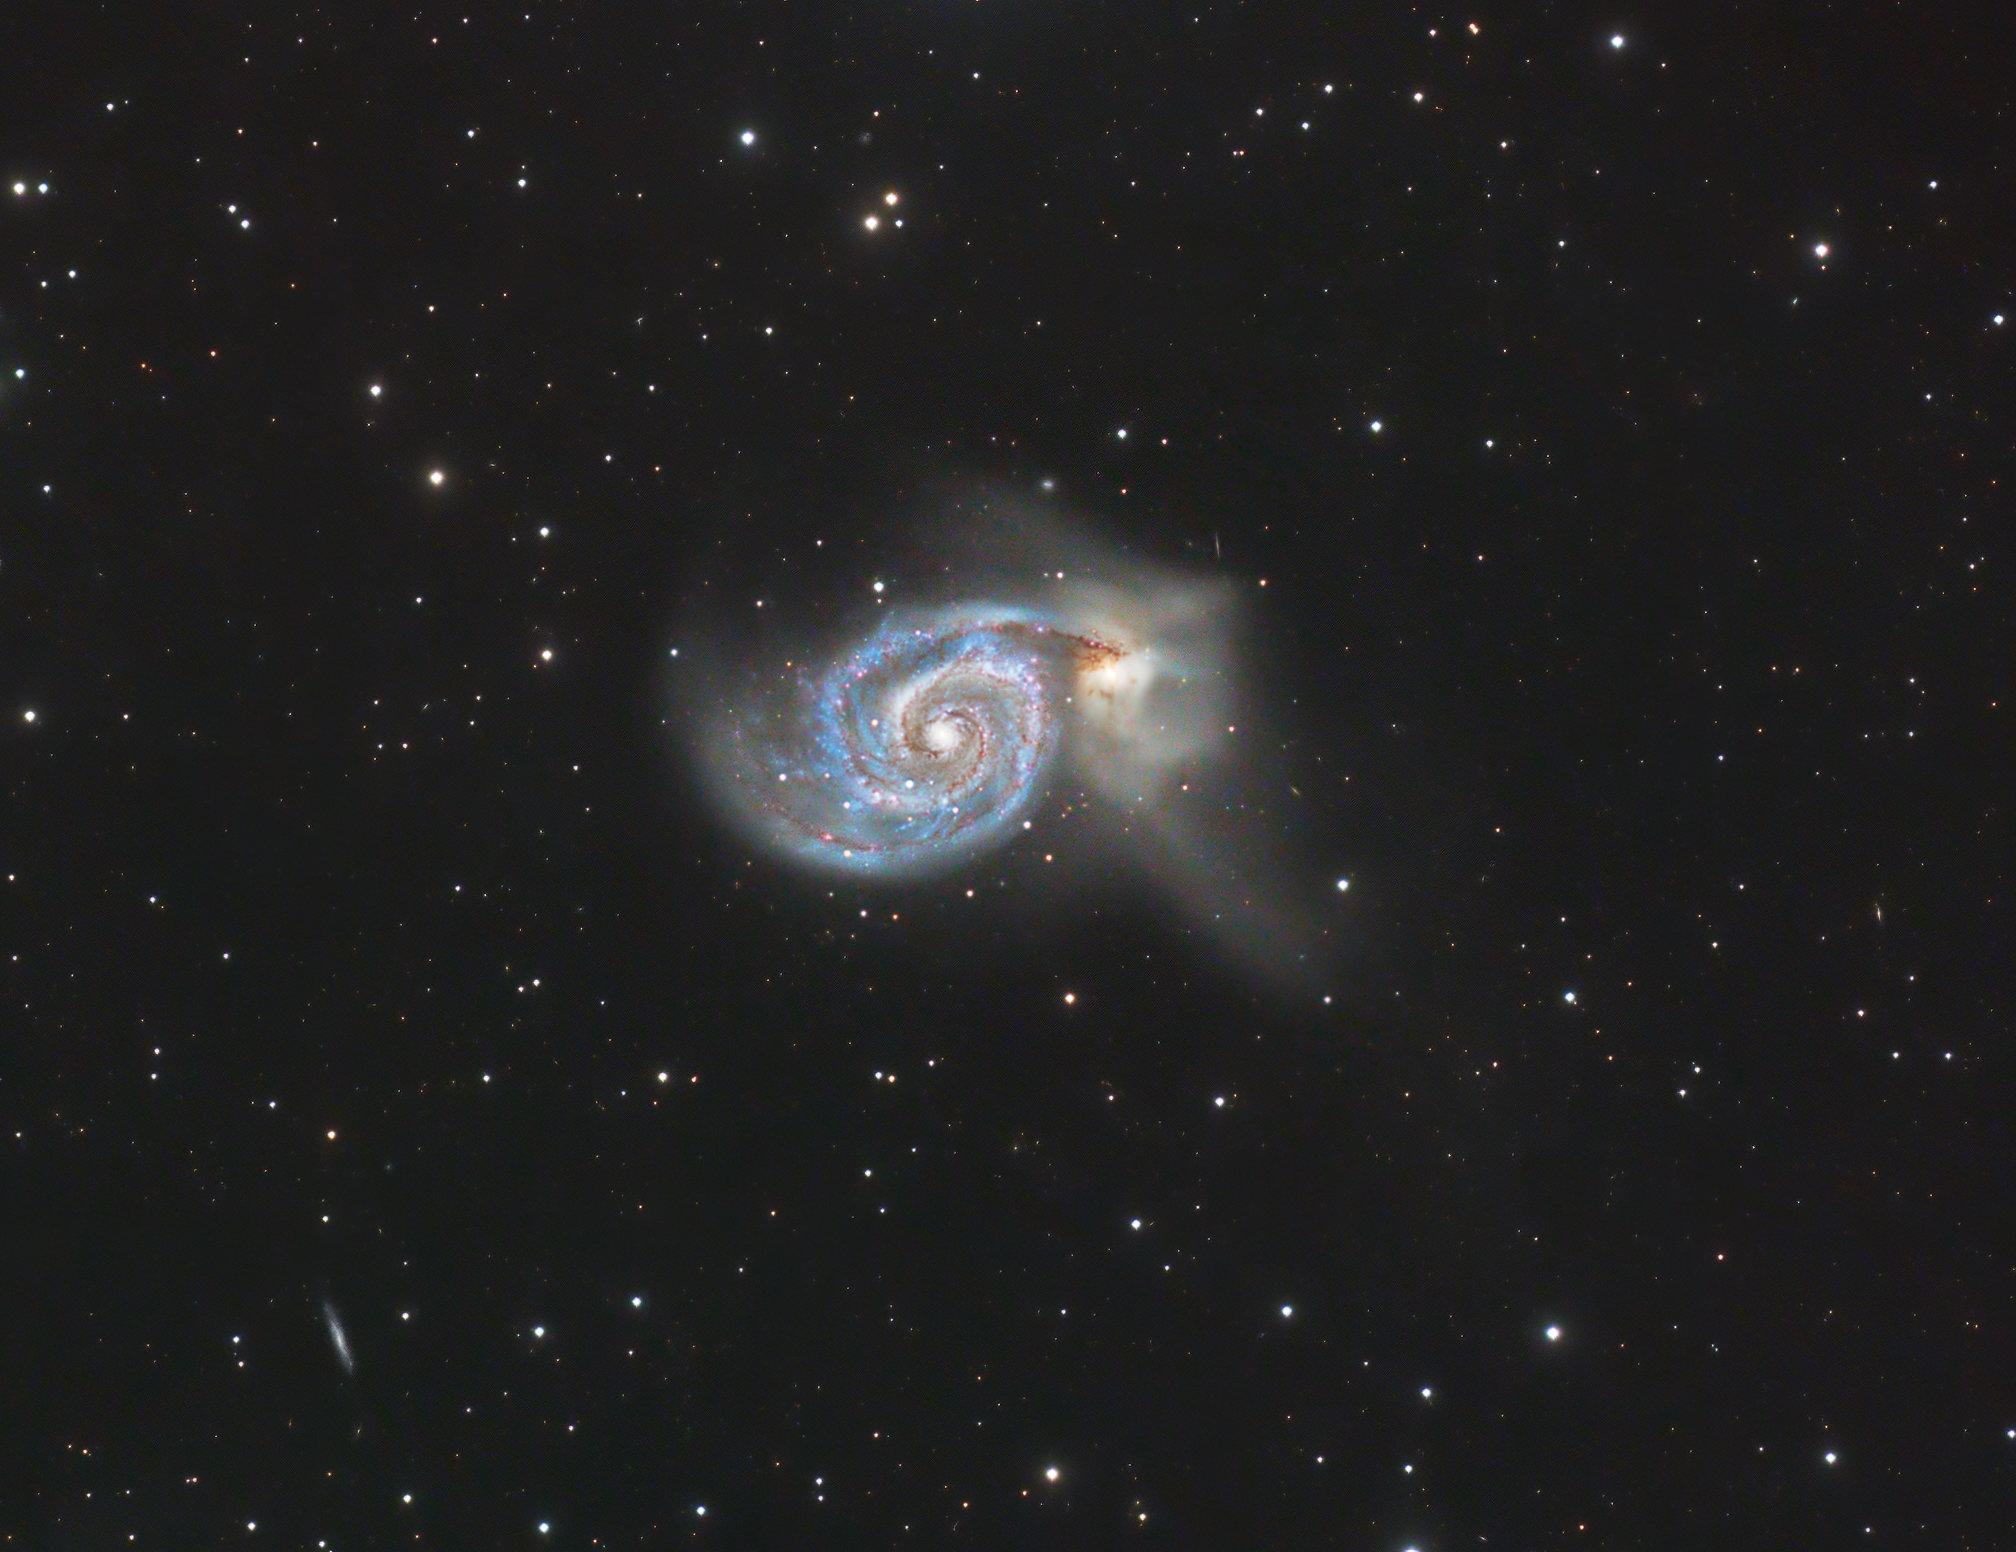 M51 - Carlos Uriarte